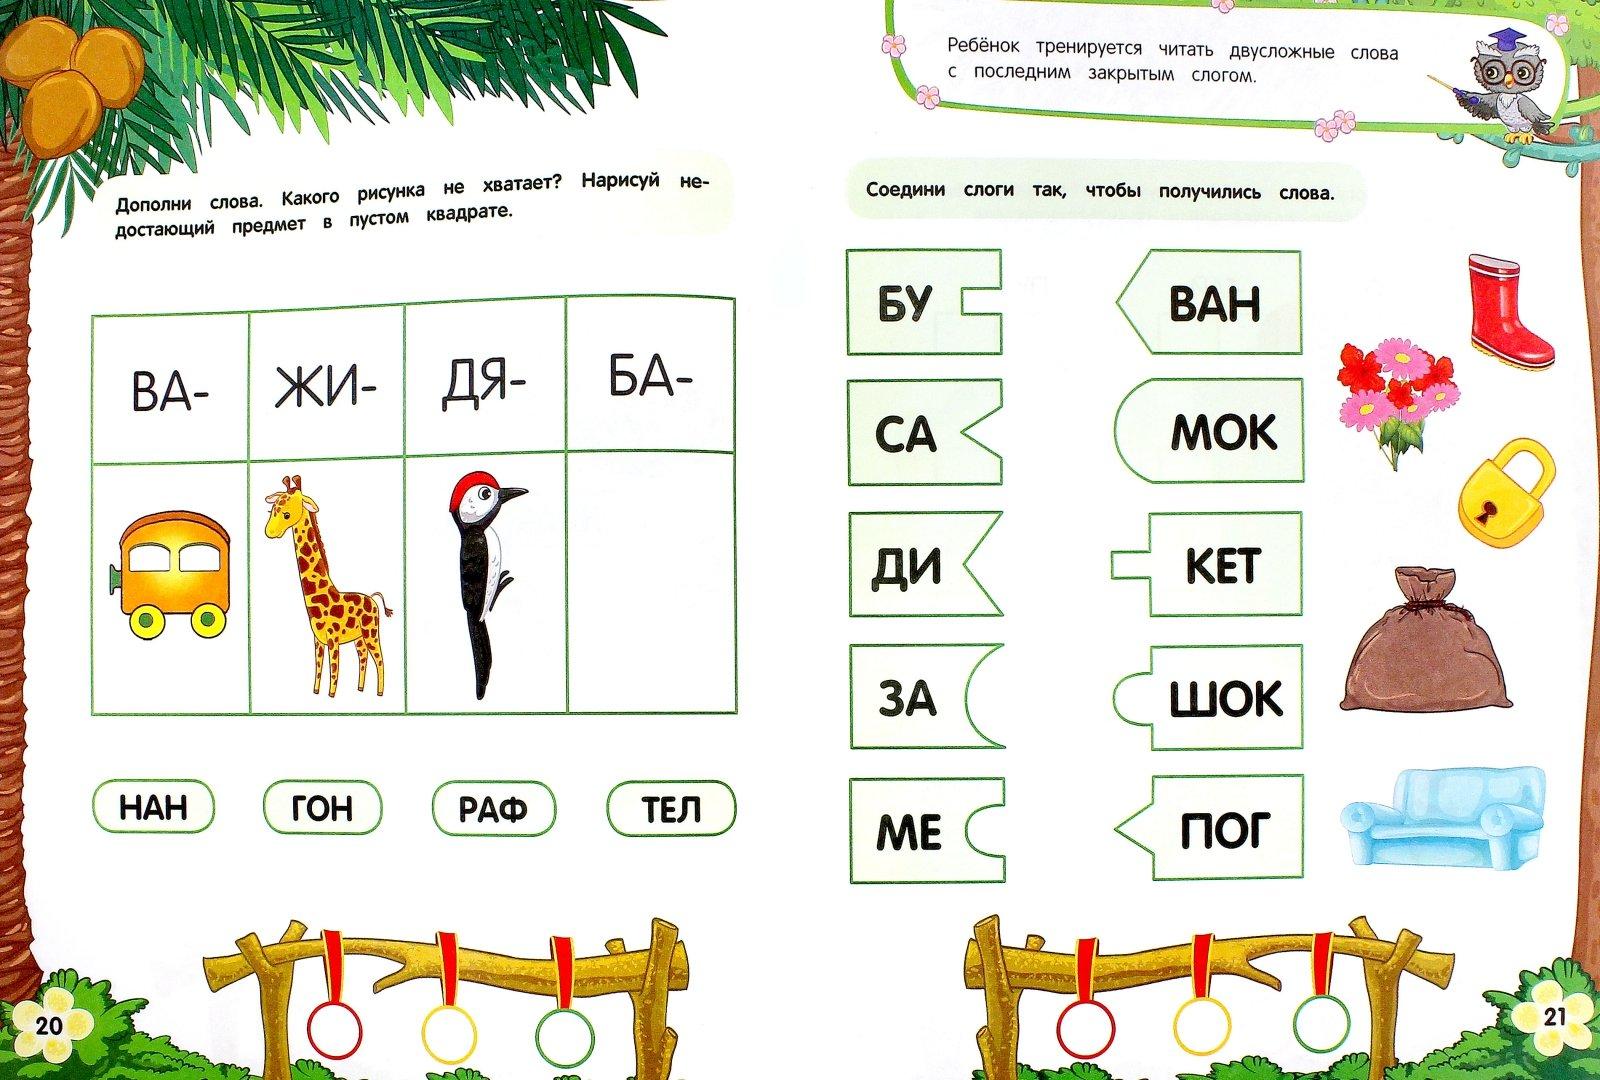 Слоги картинки для дошкольников